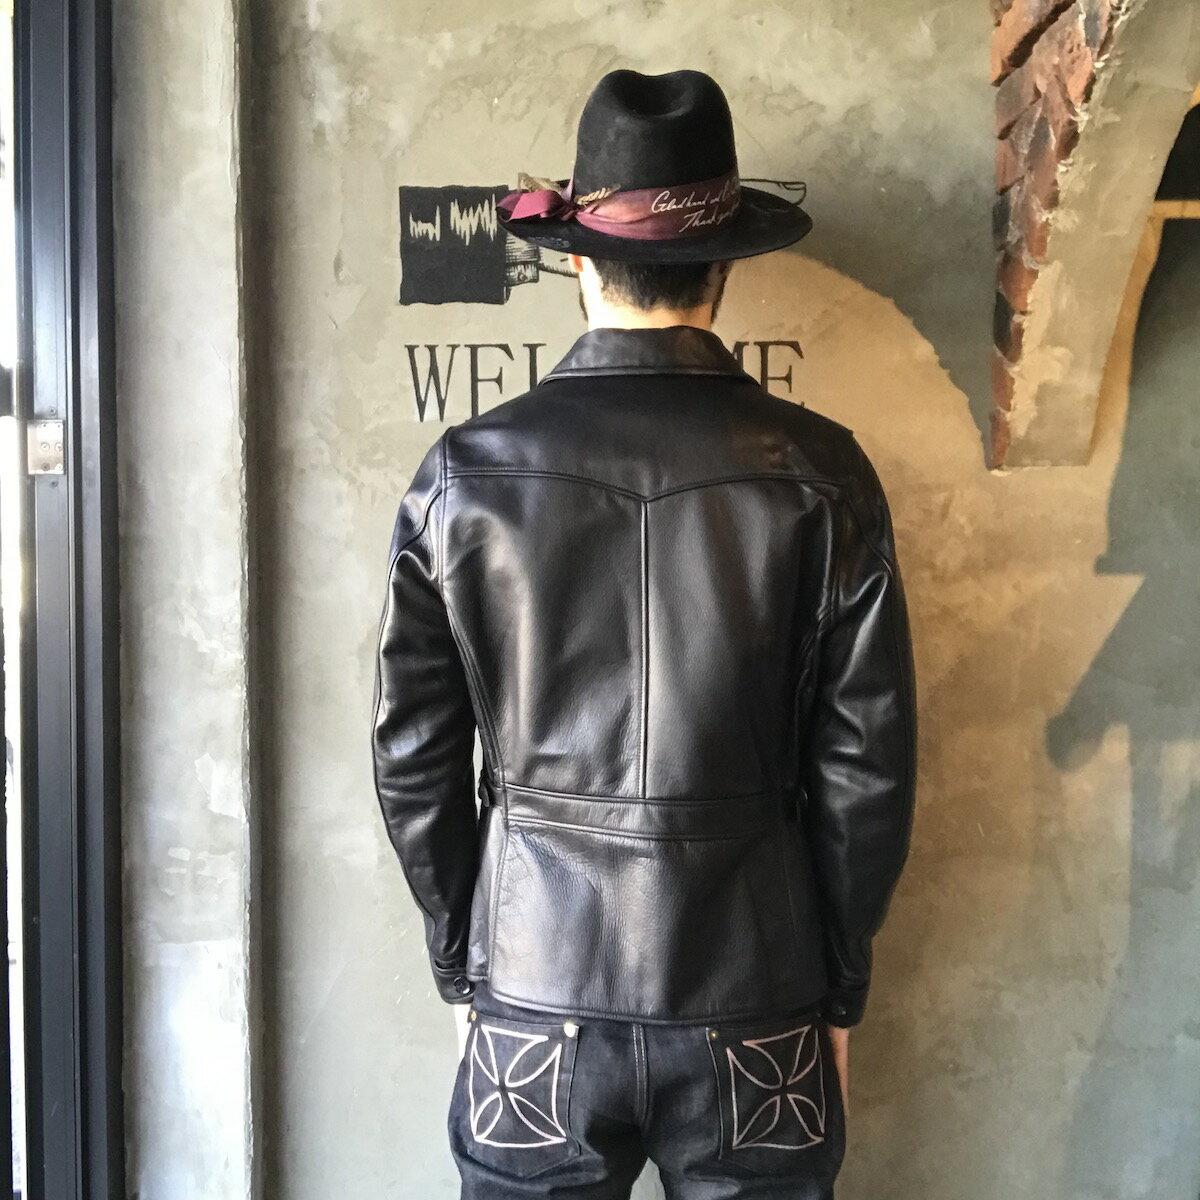 """【残りMサイズのみ】GANGSTERVILLE MOTORCYCLE - JACKET """"COW HIDE"""" (BLACK) ギャングスタービル カウハイド ライダース/レザー ジャケット/GLADHAND【WEIRDO/ウィアード/OLD CROW/オールドクロウ】"""